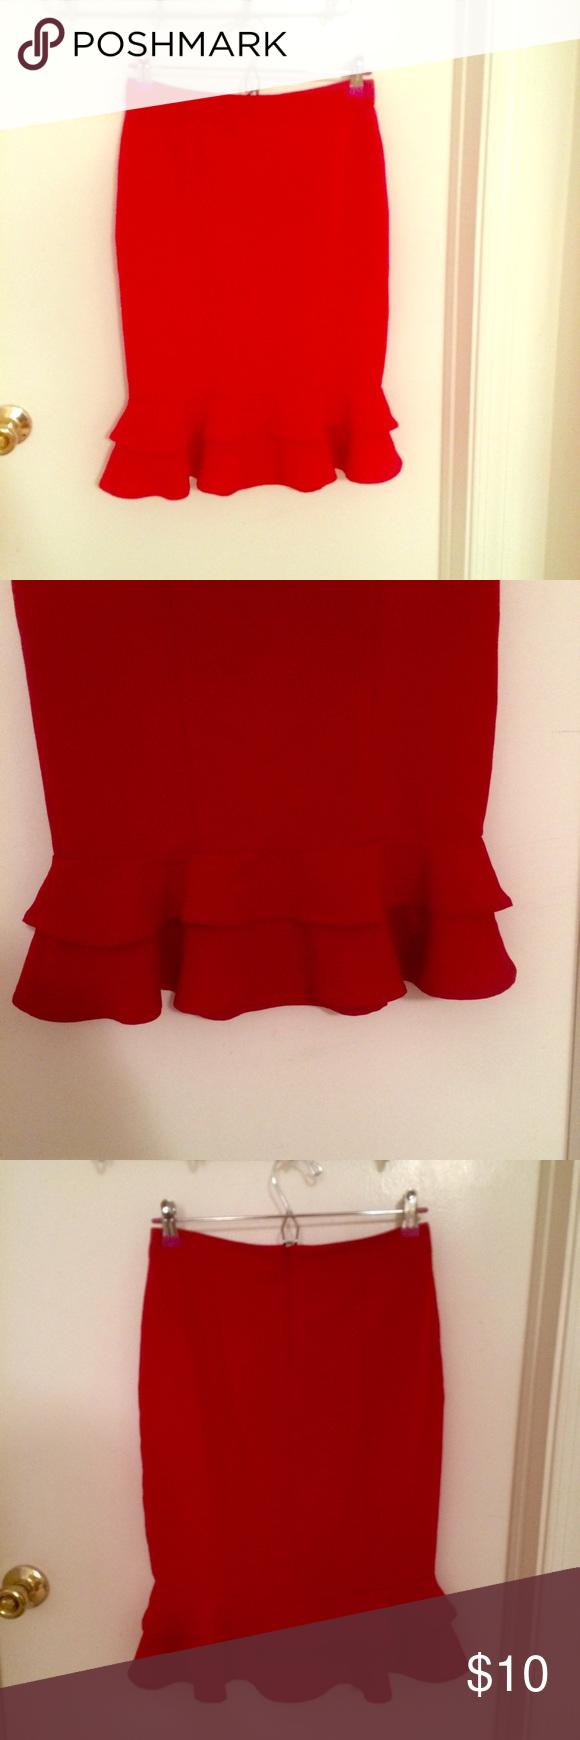 Red Forever 21 Ruffle Hem Skirt Size M Red Forever 21 Ruffle Hem Skirt Size M Forever 21 Skirts